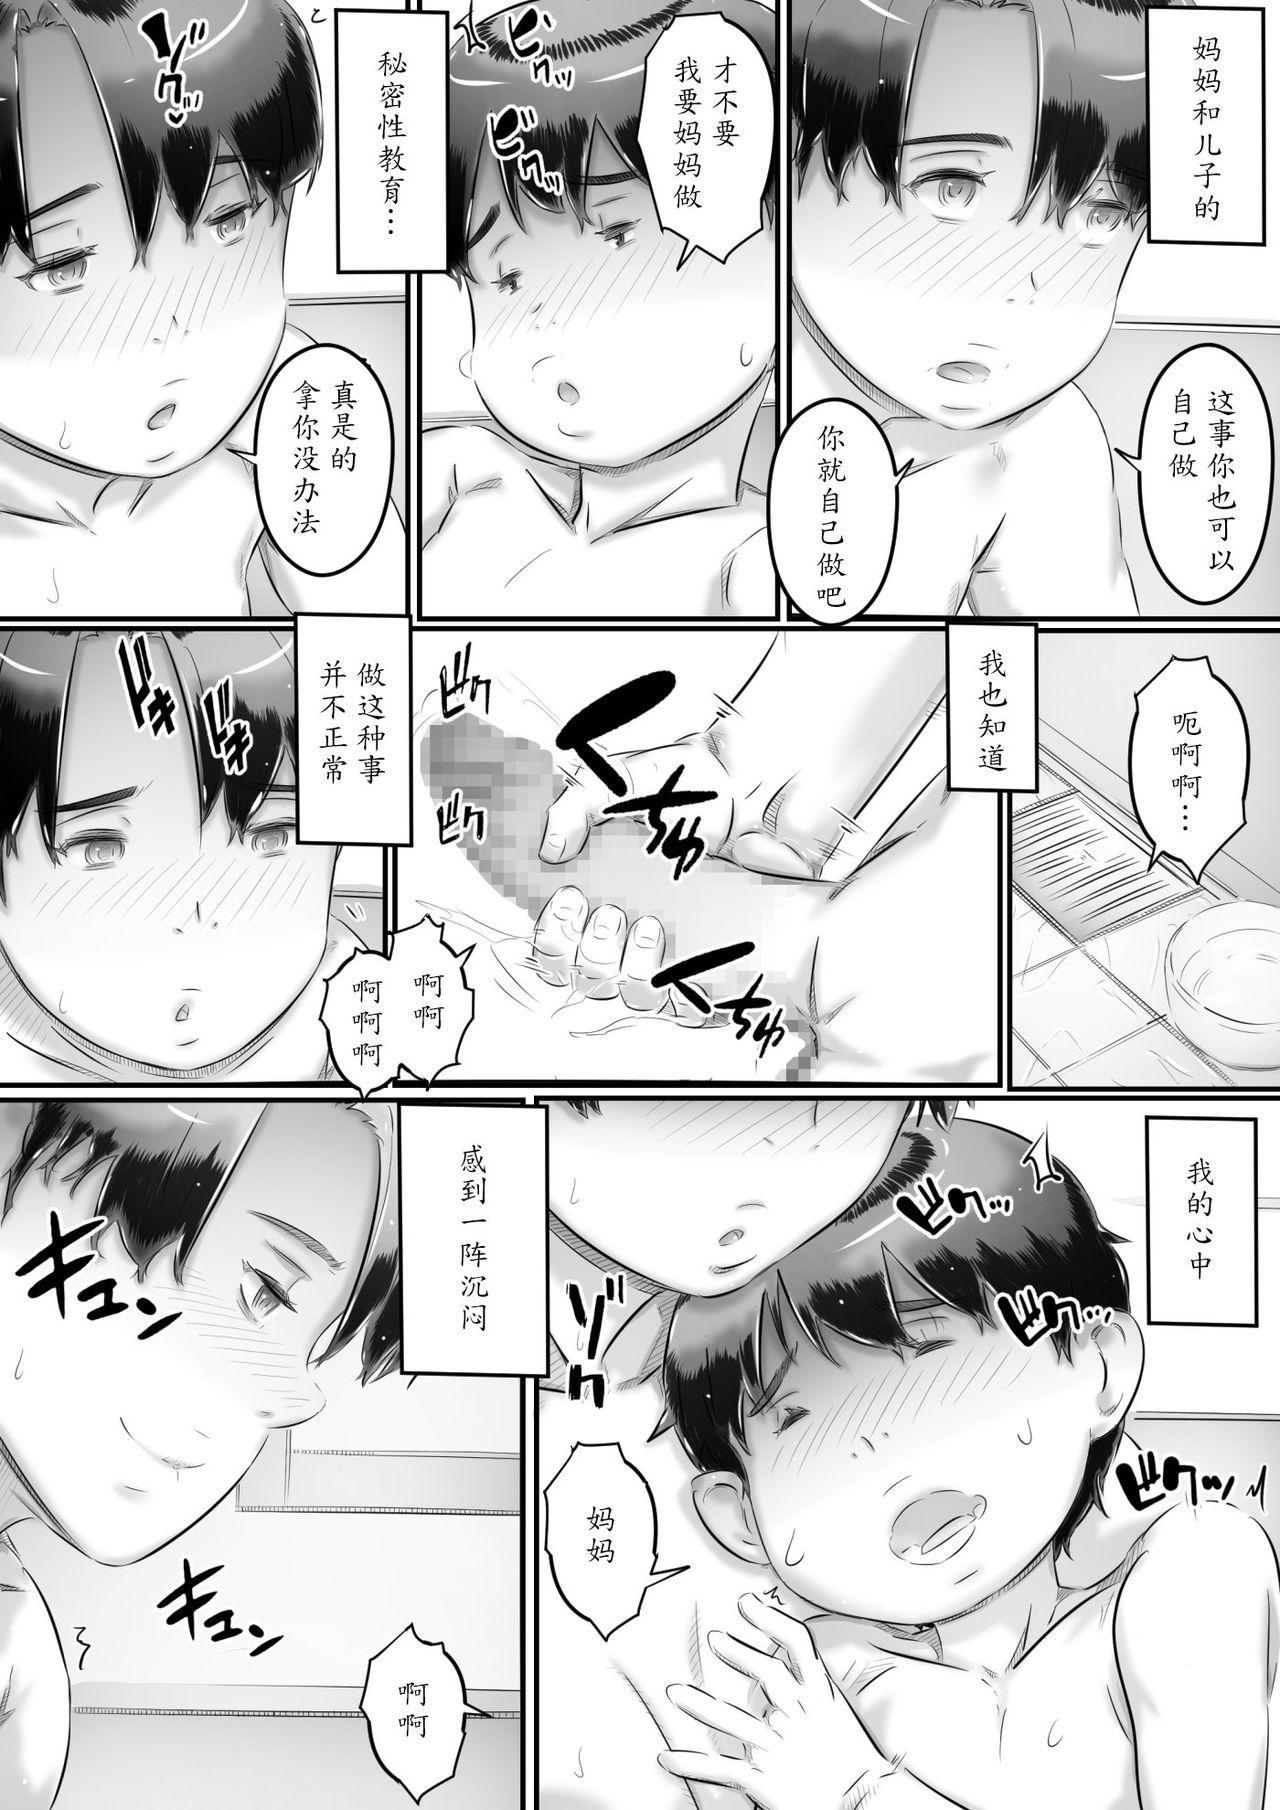 Haha to Musuko no Seikyouiku 15